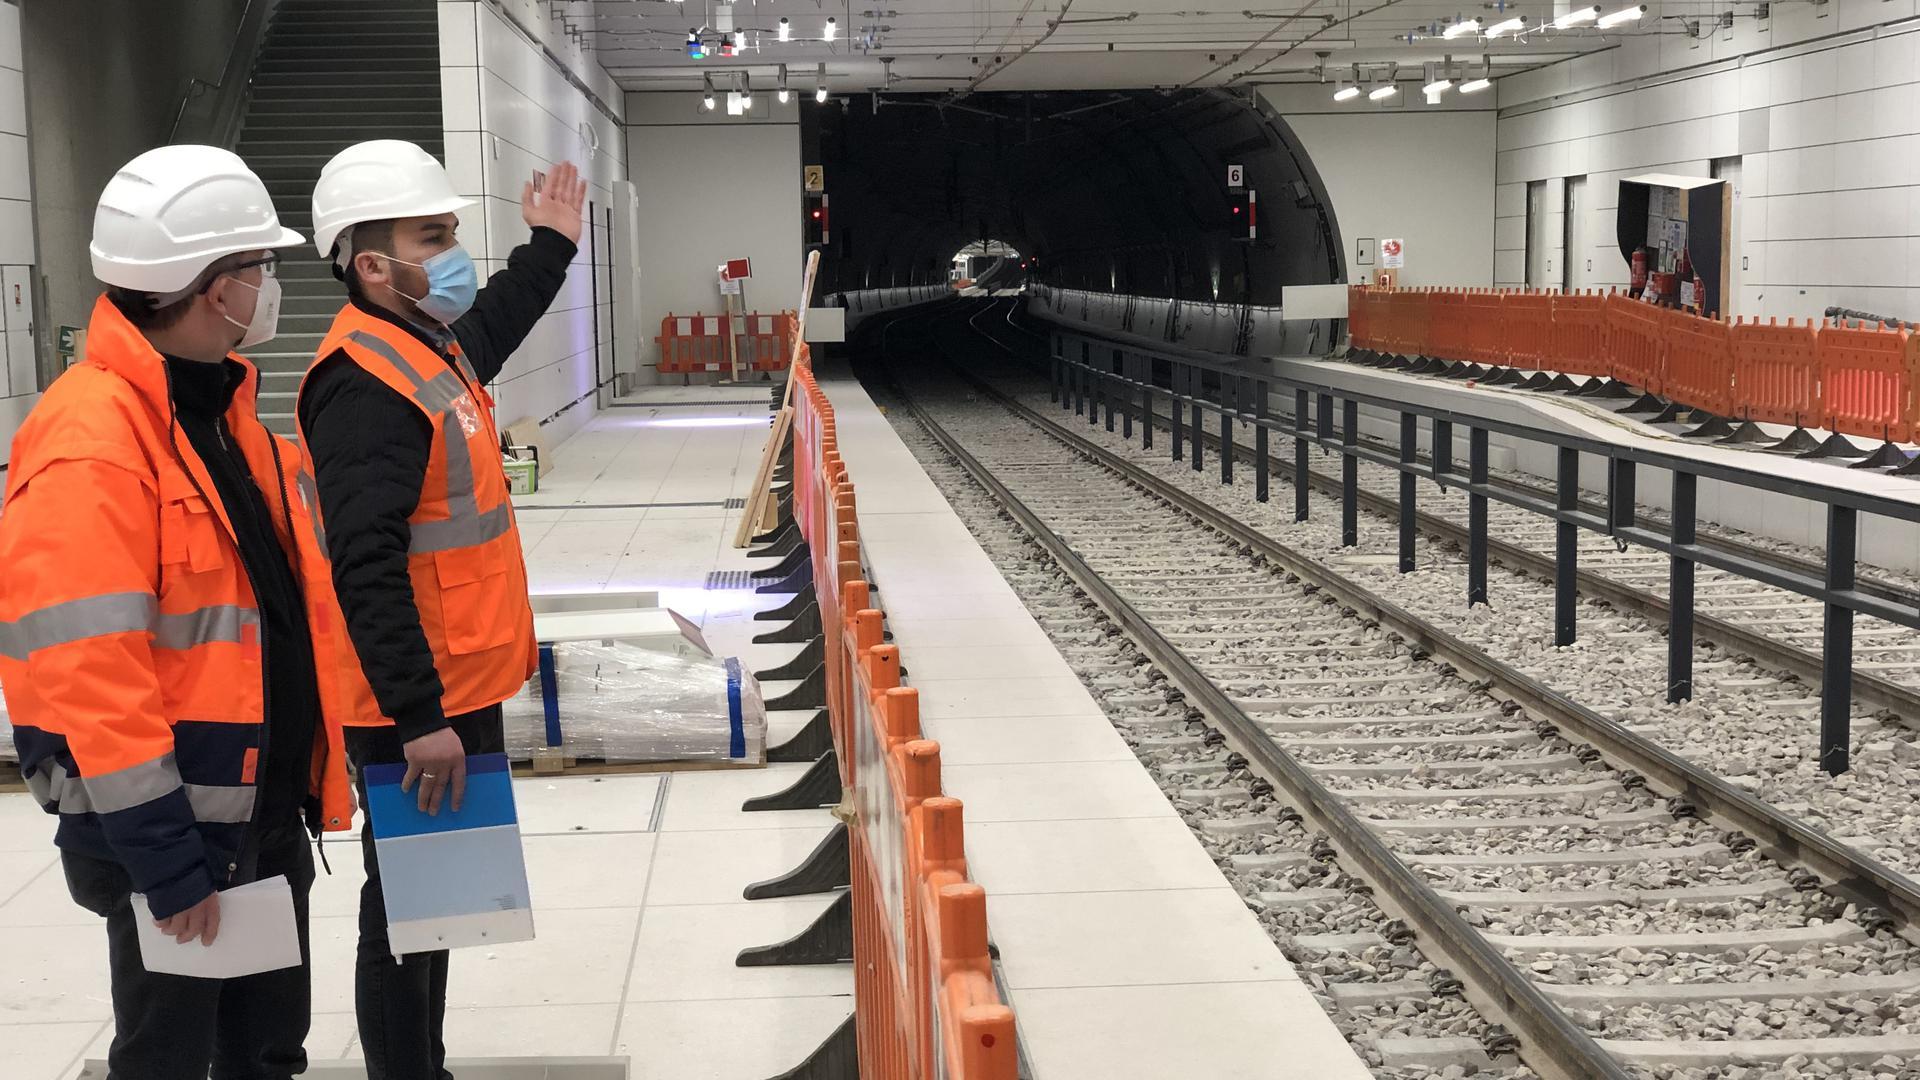 Trennung im Tunnel: Der Bauzaun sperrt den Bahnsteig, wo die Bauarbeiten weiterlaufen,  von den Gleisen ab. So können die Bahnen beim Stresstest für die U-Strab unbehelligt rollen.